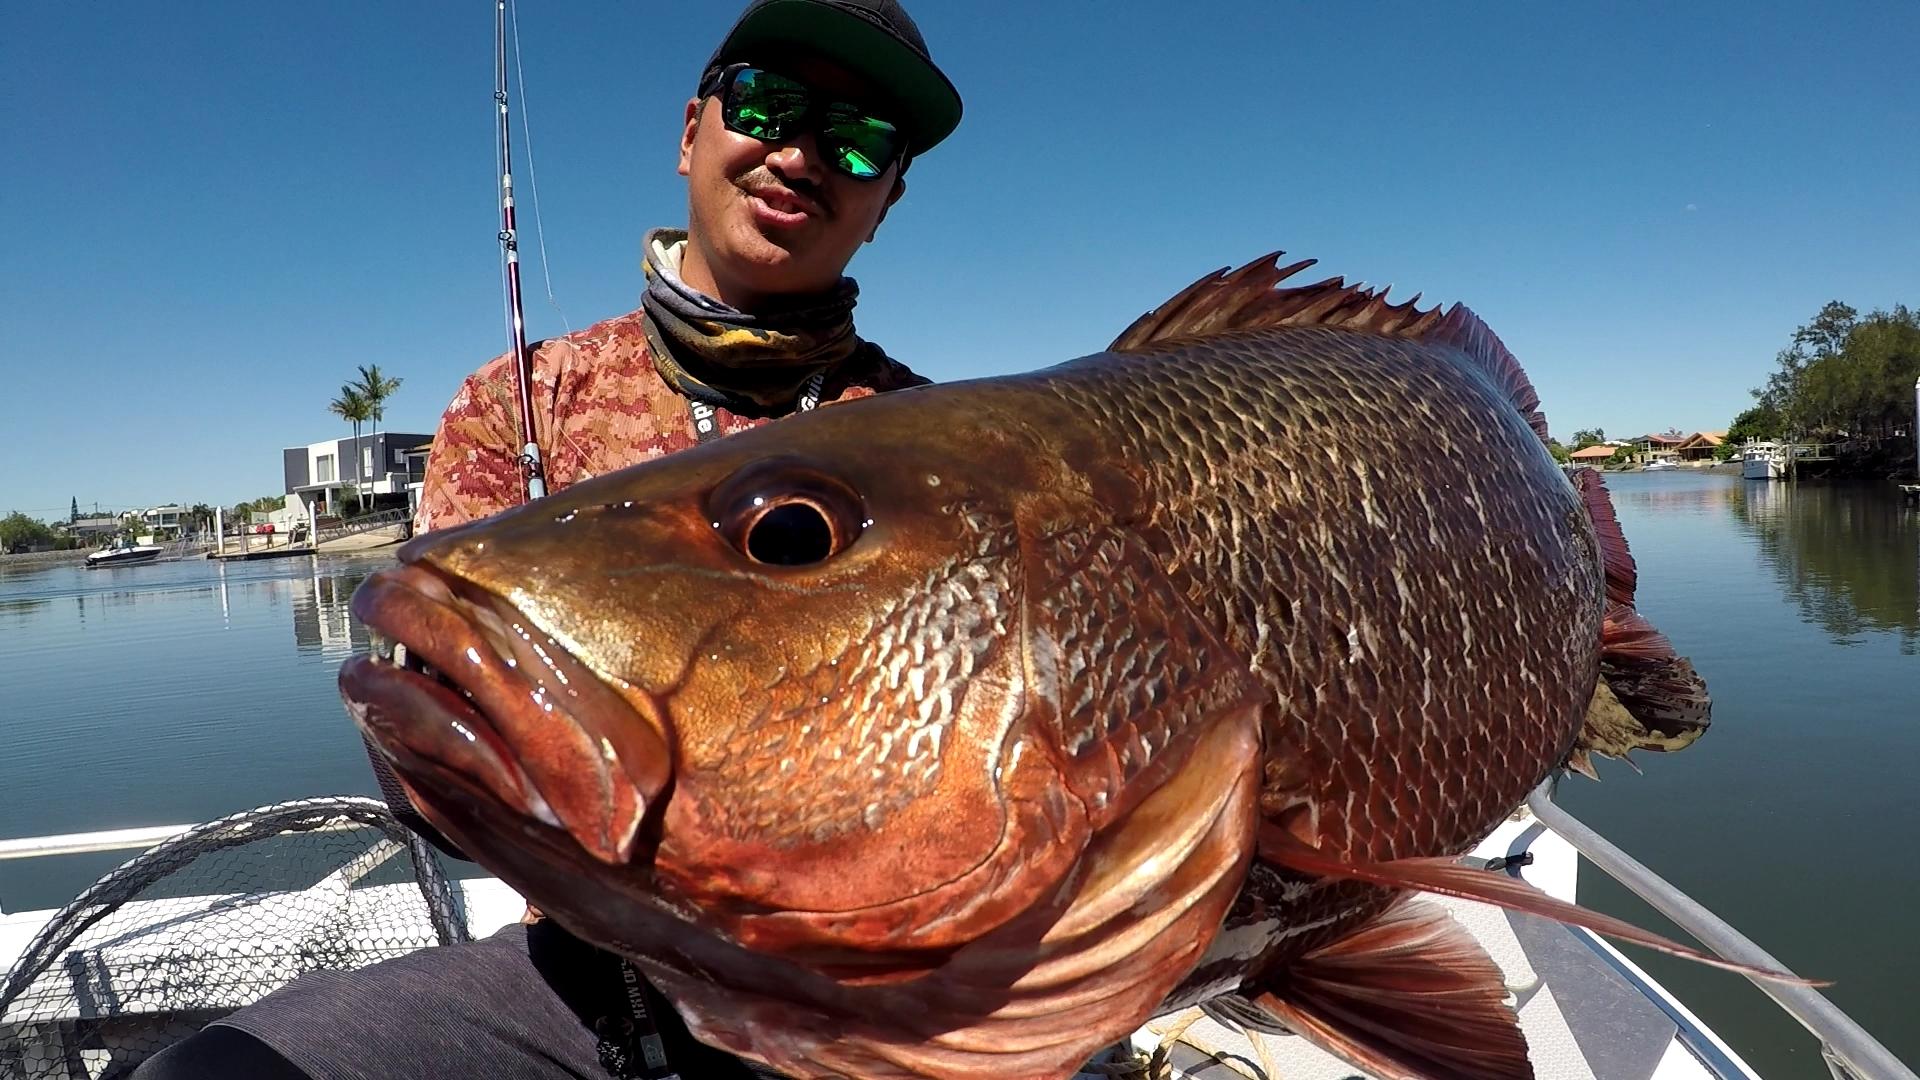 今シーズン初Goodコンディション!蒸し暑い気候を好み、ストームなどの大型低気圧がくるこの時期に活性が上がる魚の正体とは?!